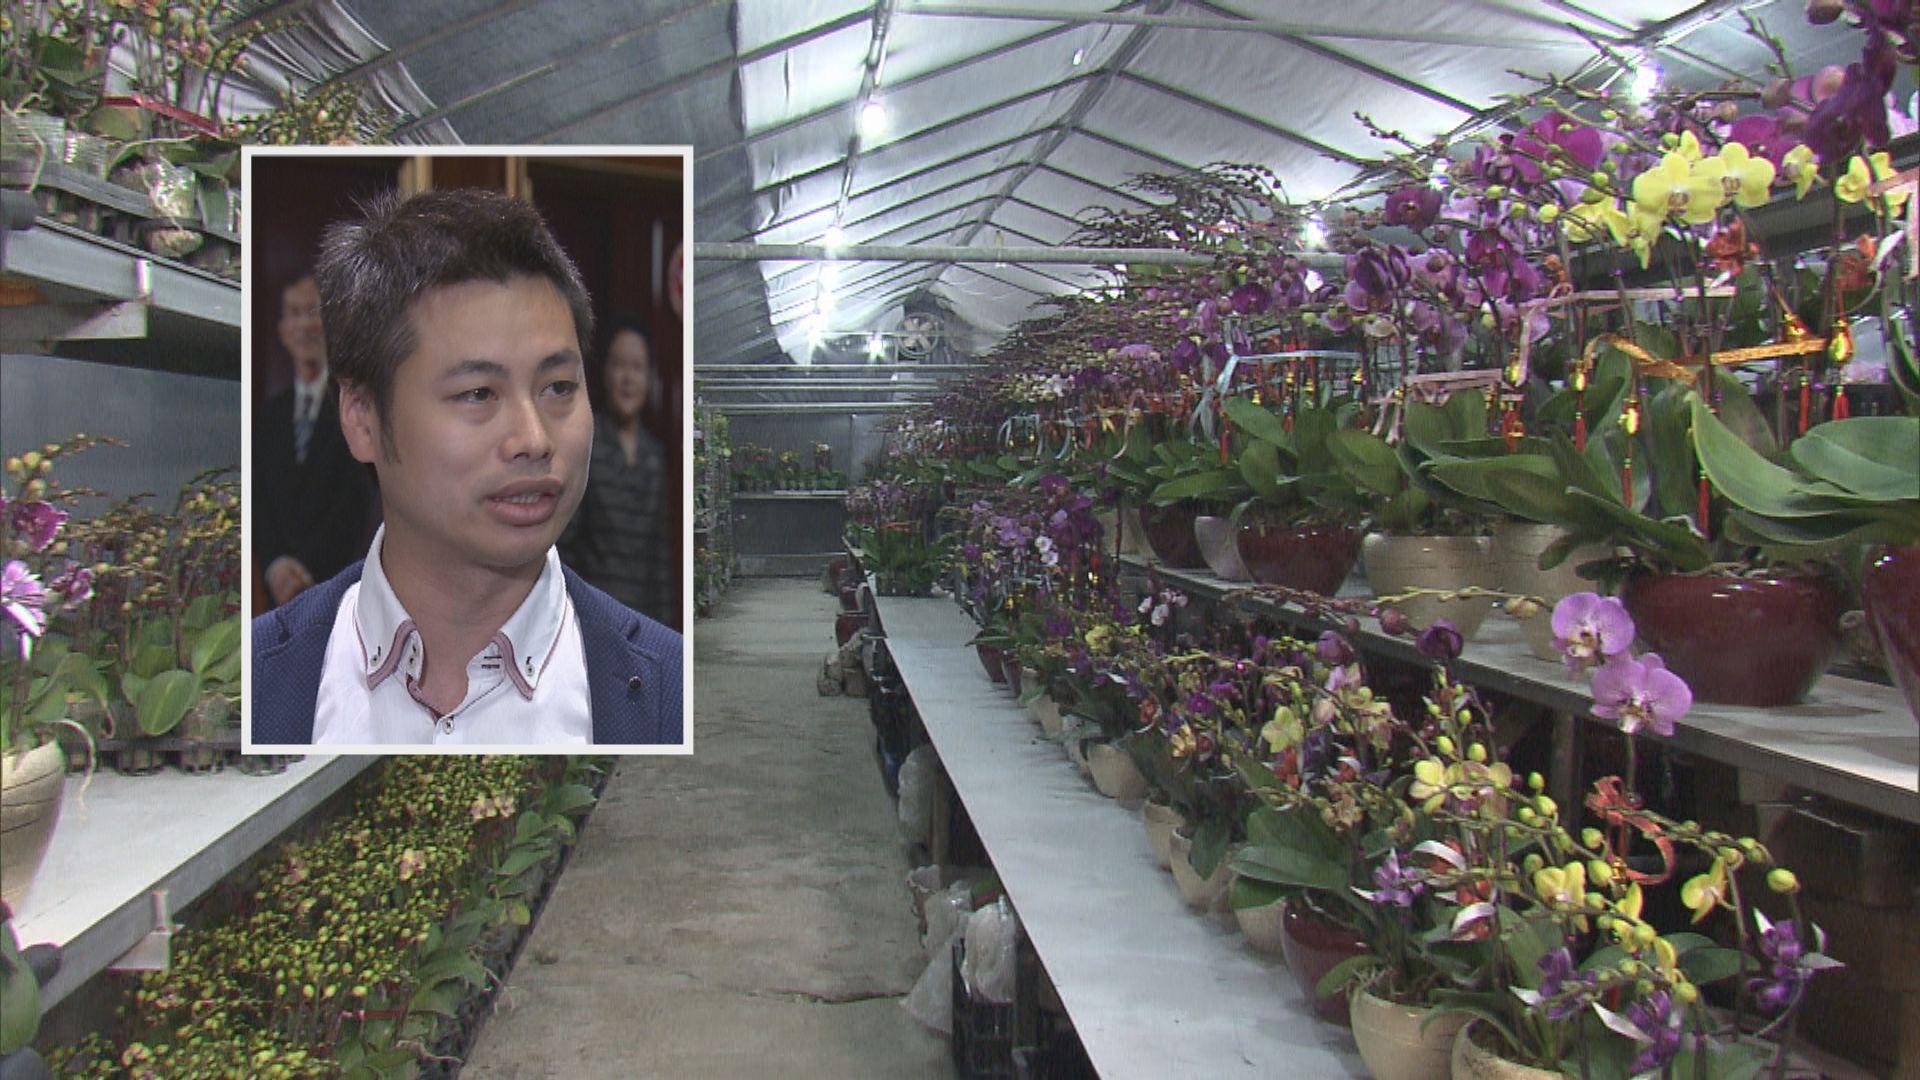 何俊賢:花農冀重開花市 對縮短營業時間有爭議